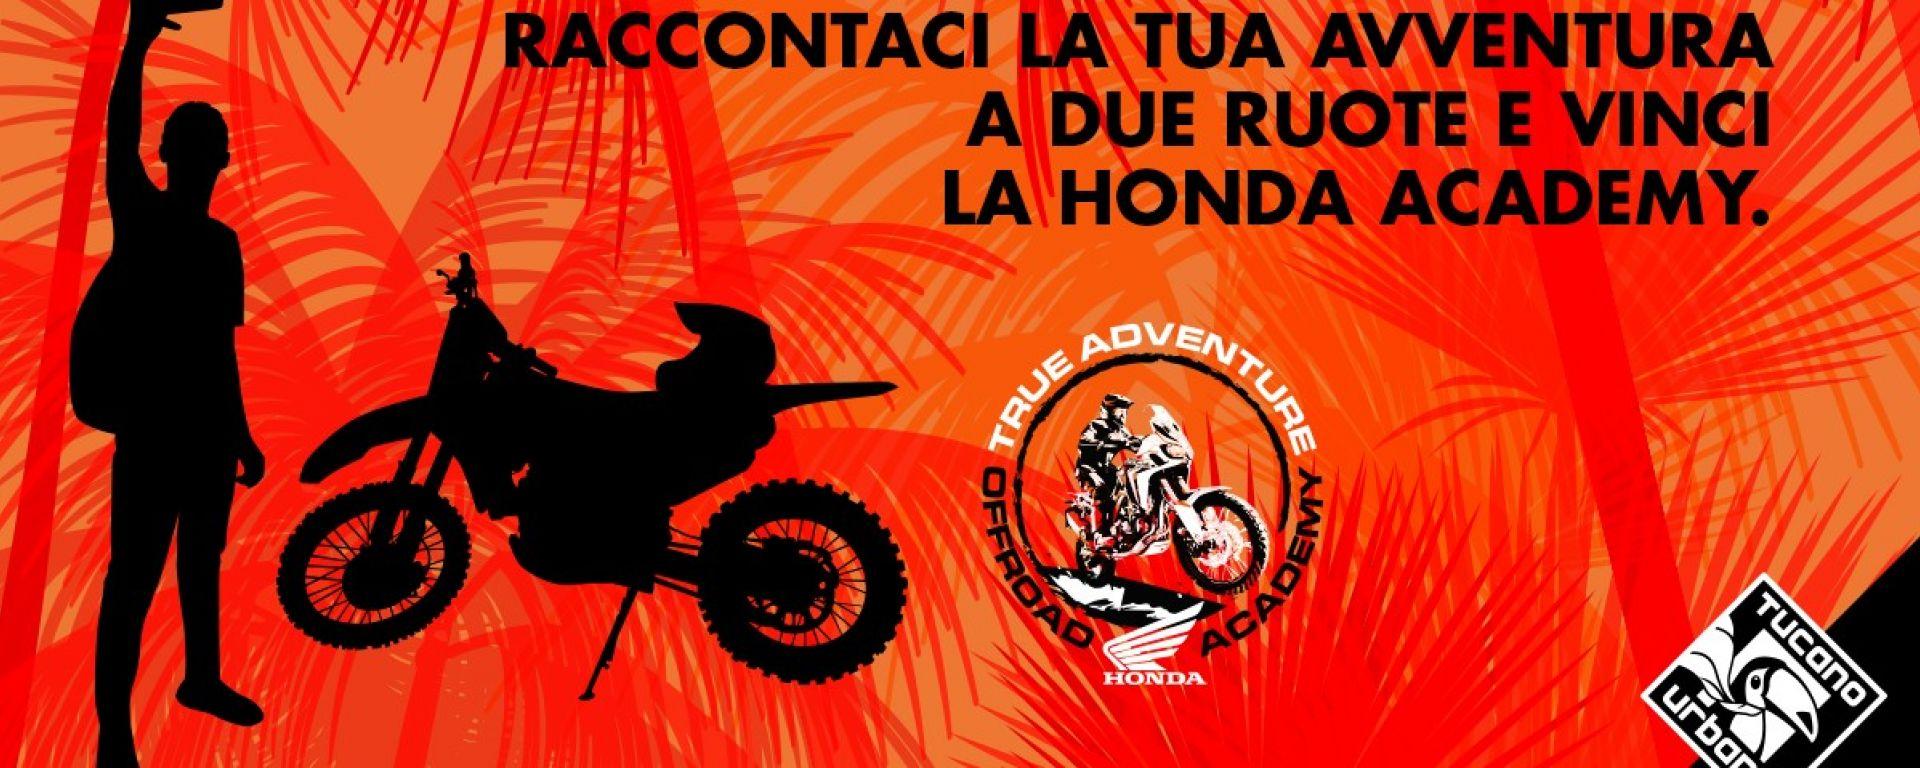 Tucano Urbano: #Inmotoallinfinito mette in palio corsi di guida